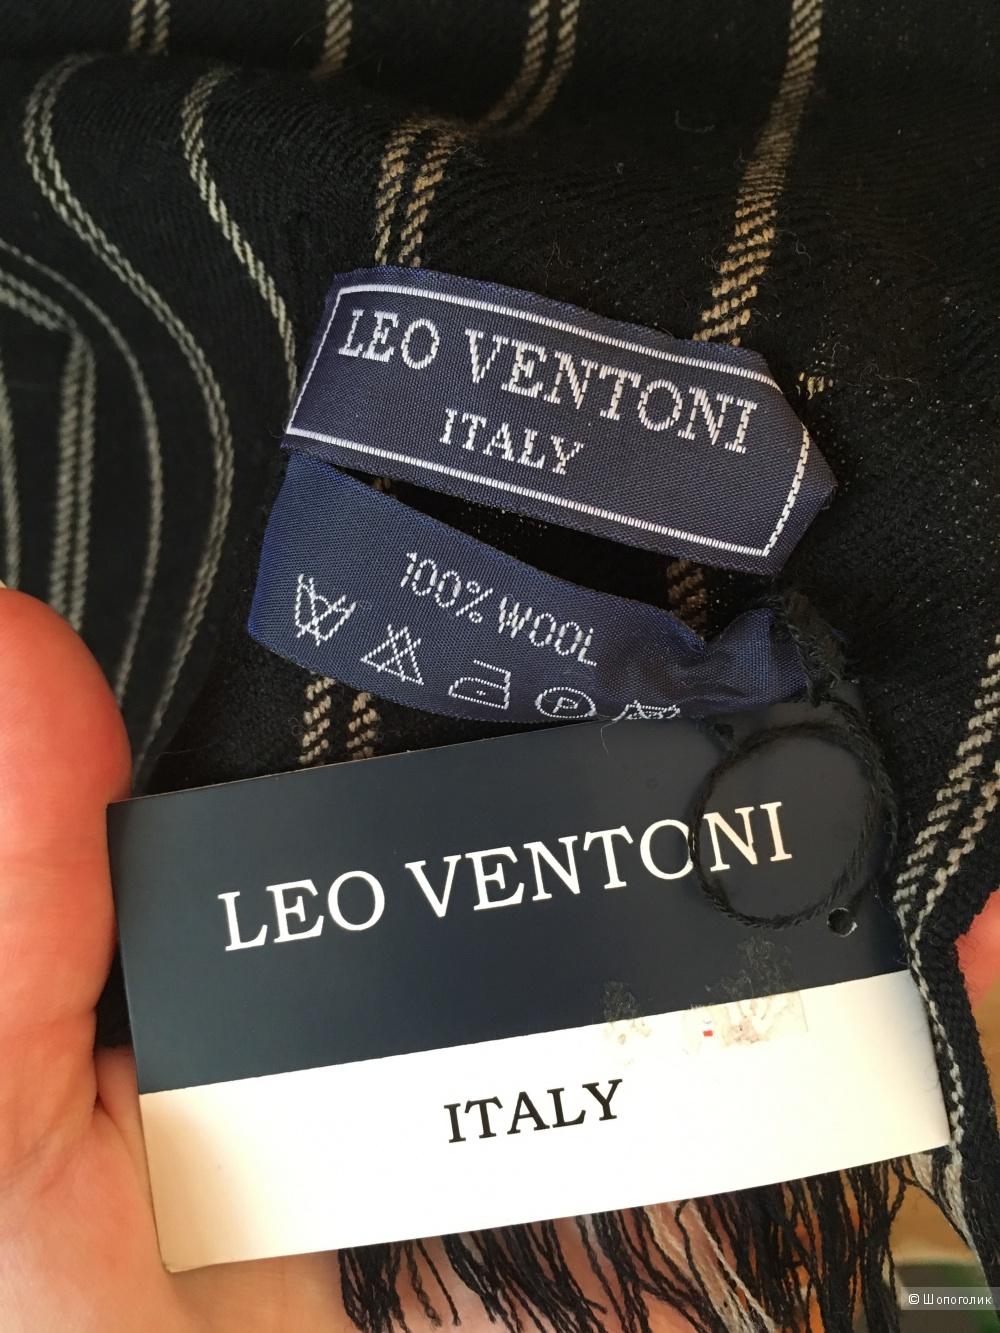 Leo Ventoni Шарф мужской шерстяной Новый Италия